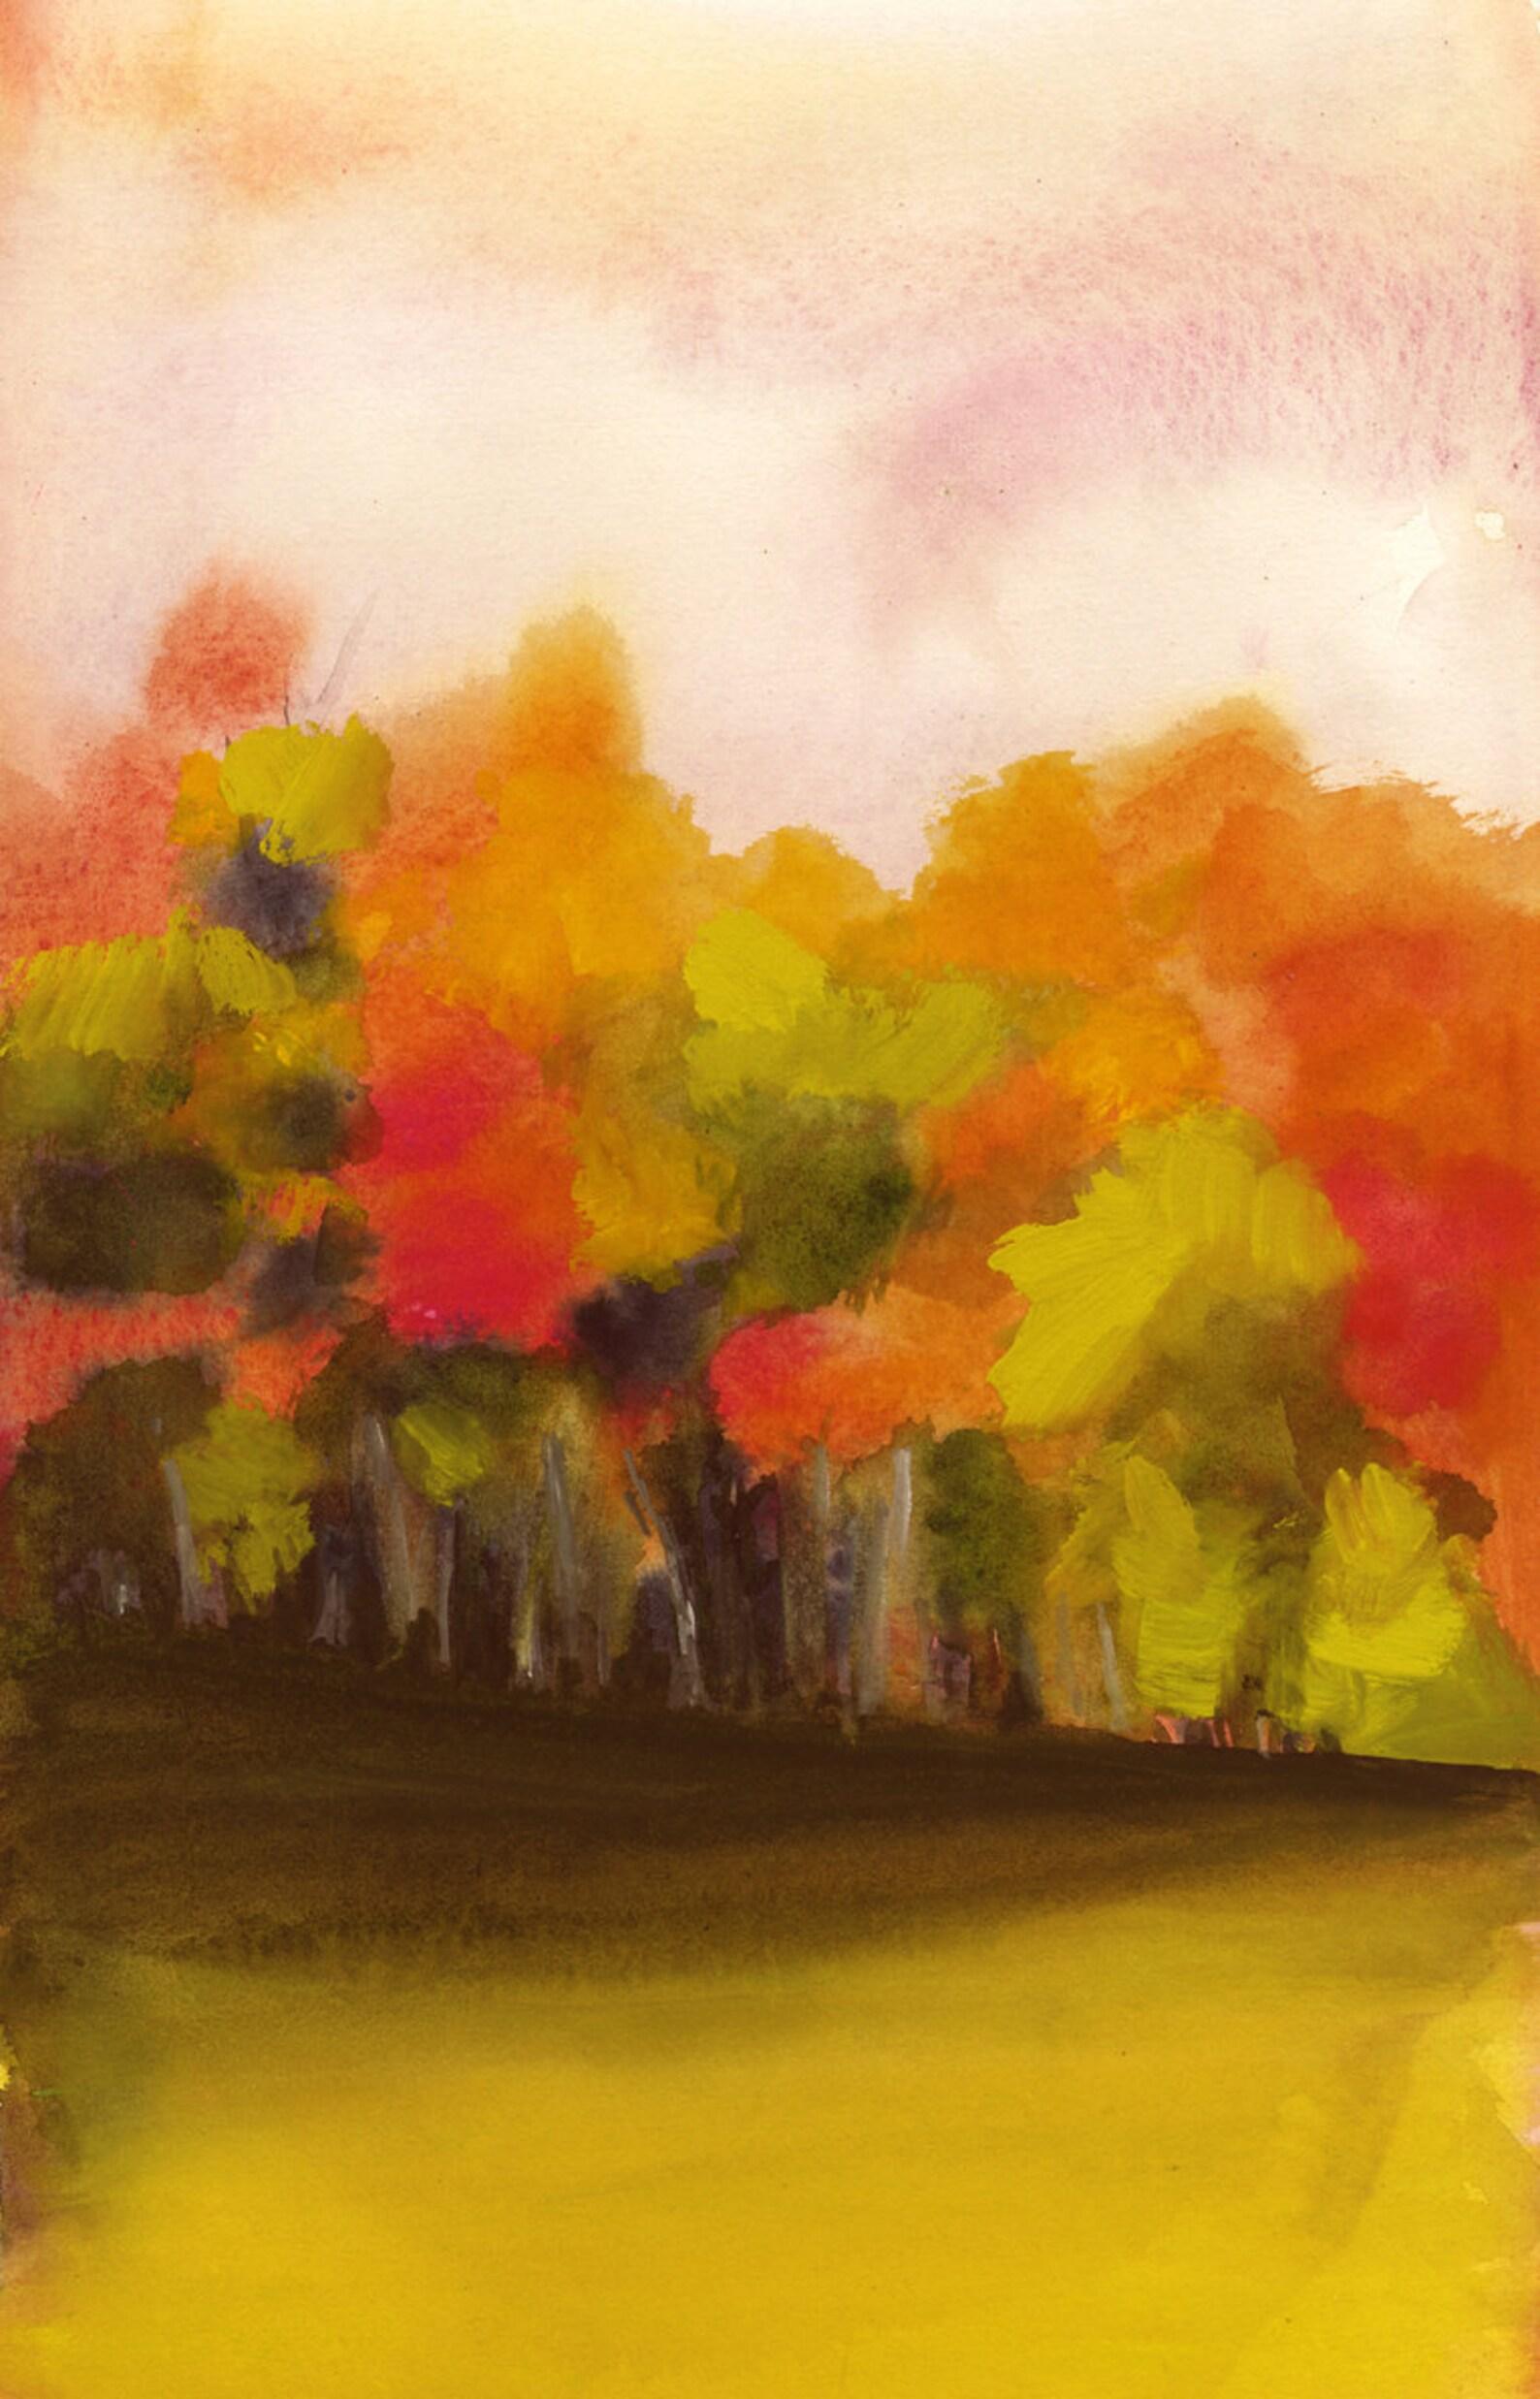 Осень рисунок акварелью по сырому